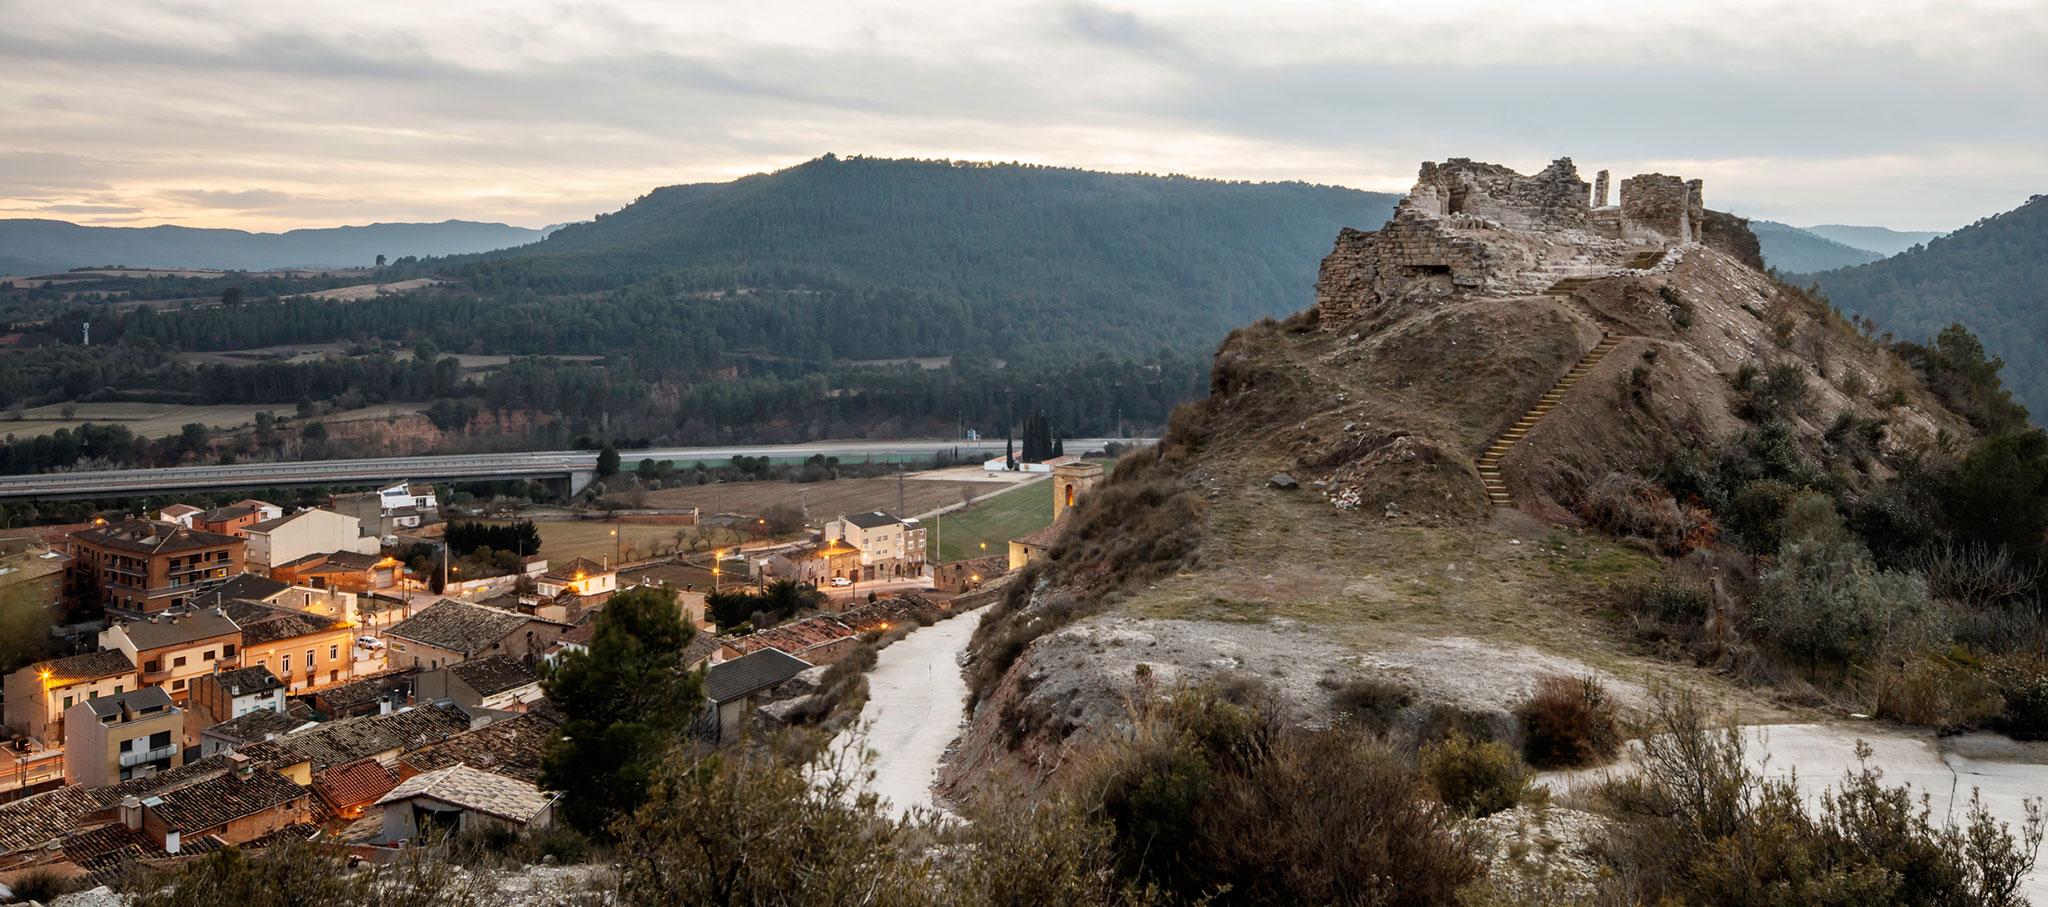 Recuperación del acceso al castillo de Jorba por Carles Enrich. Fotografía © Adrià Goula